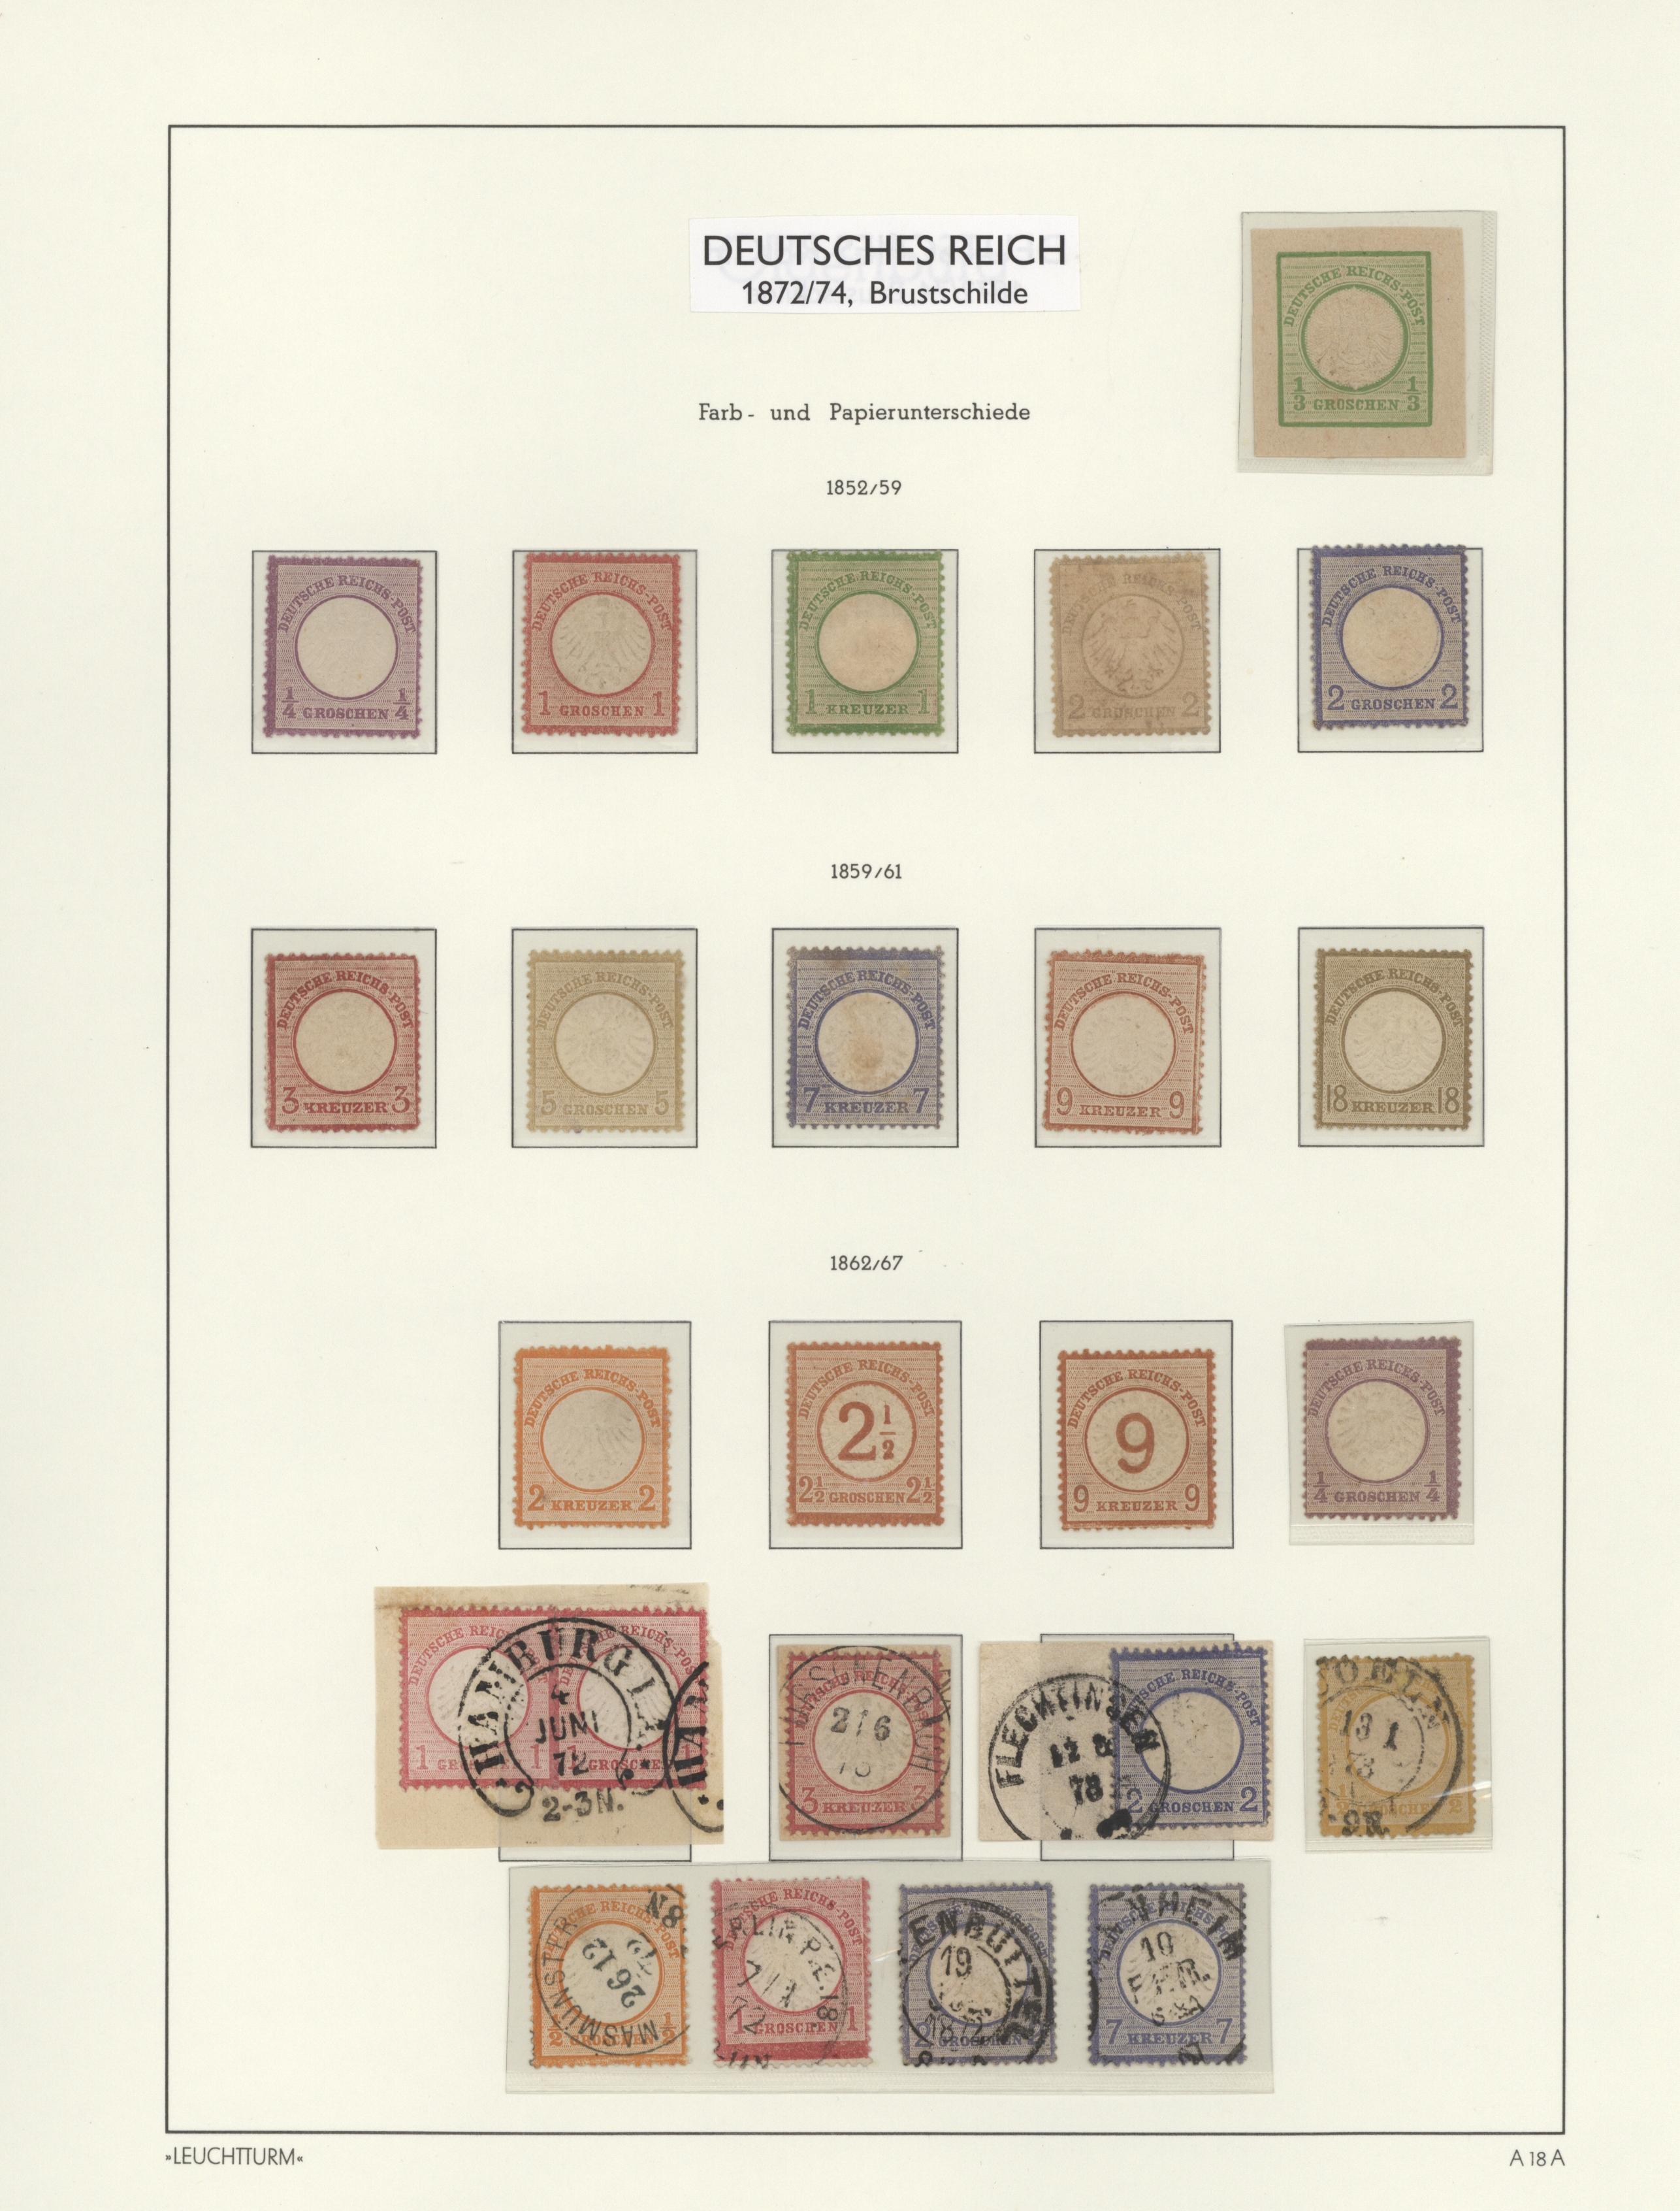 Aus Dem Ausland Importiert Jersey Block 3 Postfrisch Briefmarken Europa